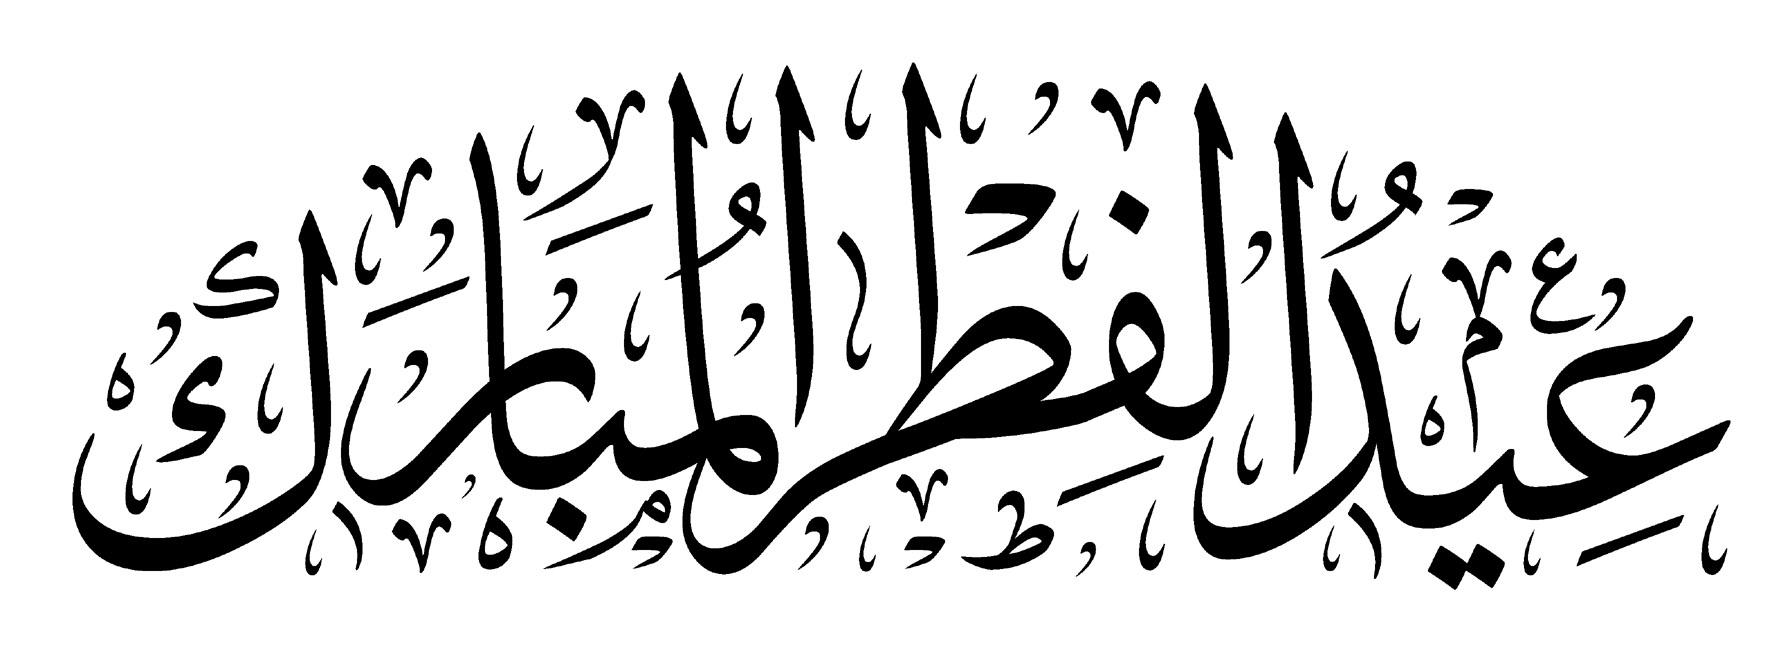 صوره صور عيد رمضان , اروع المعايدات والتهاني لعيد الفطر المبارك